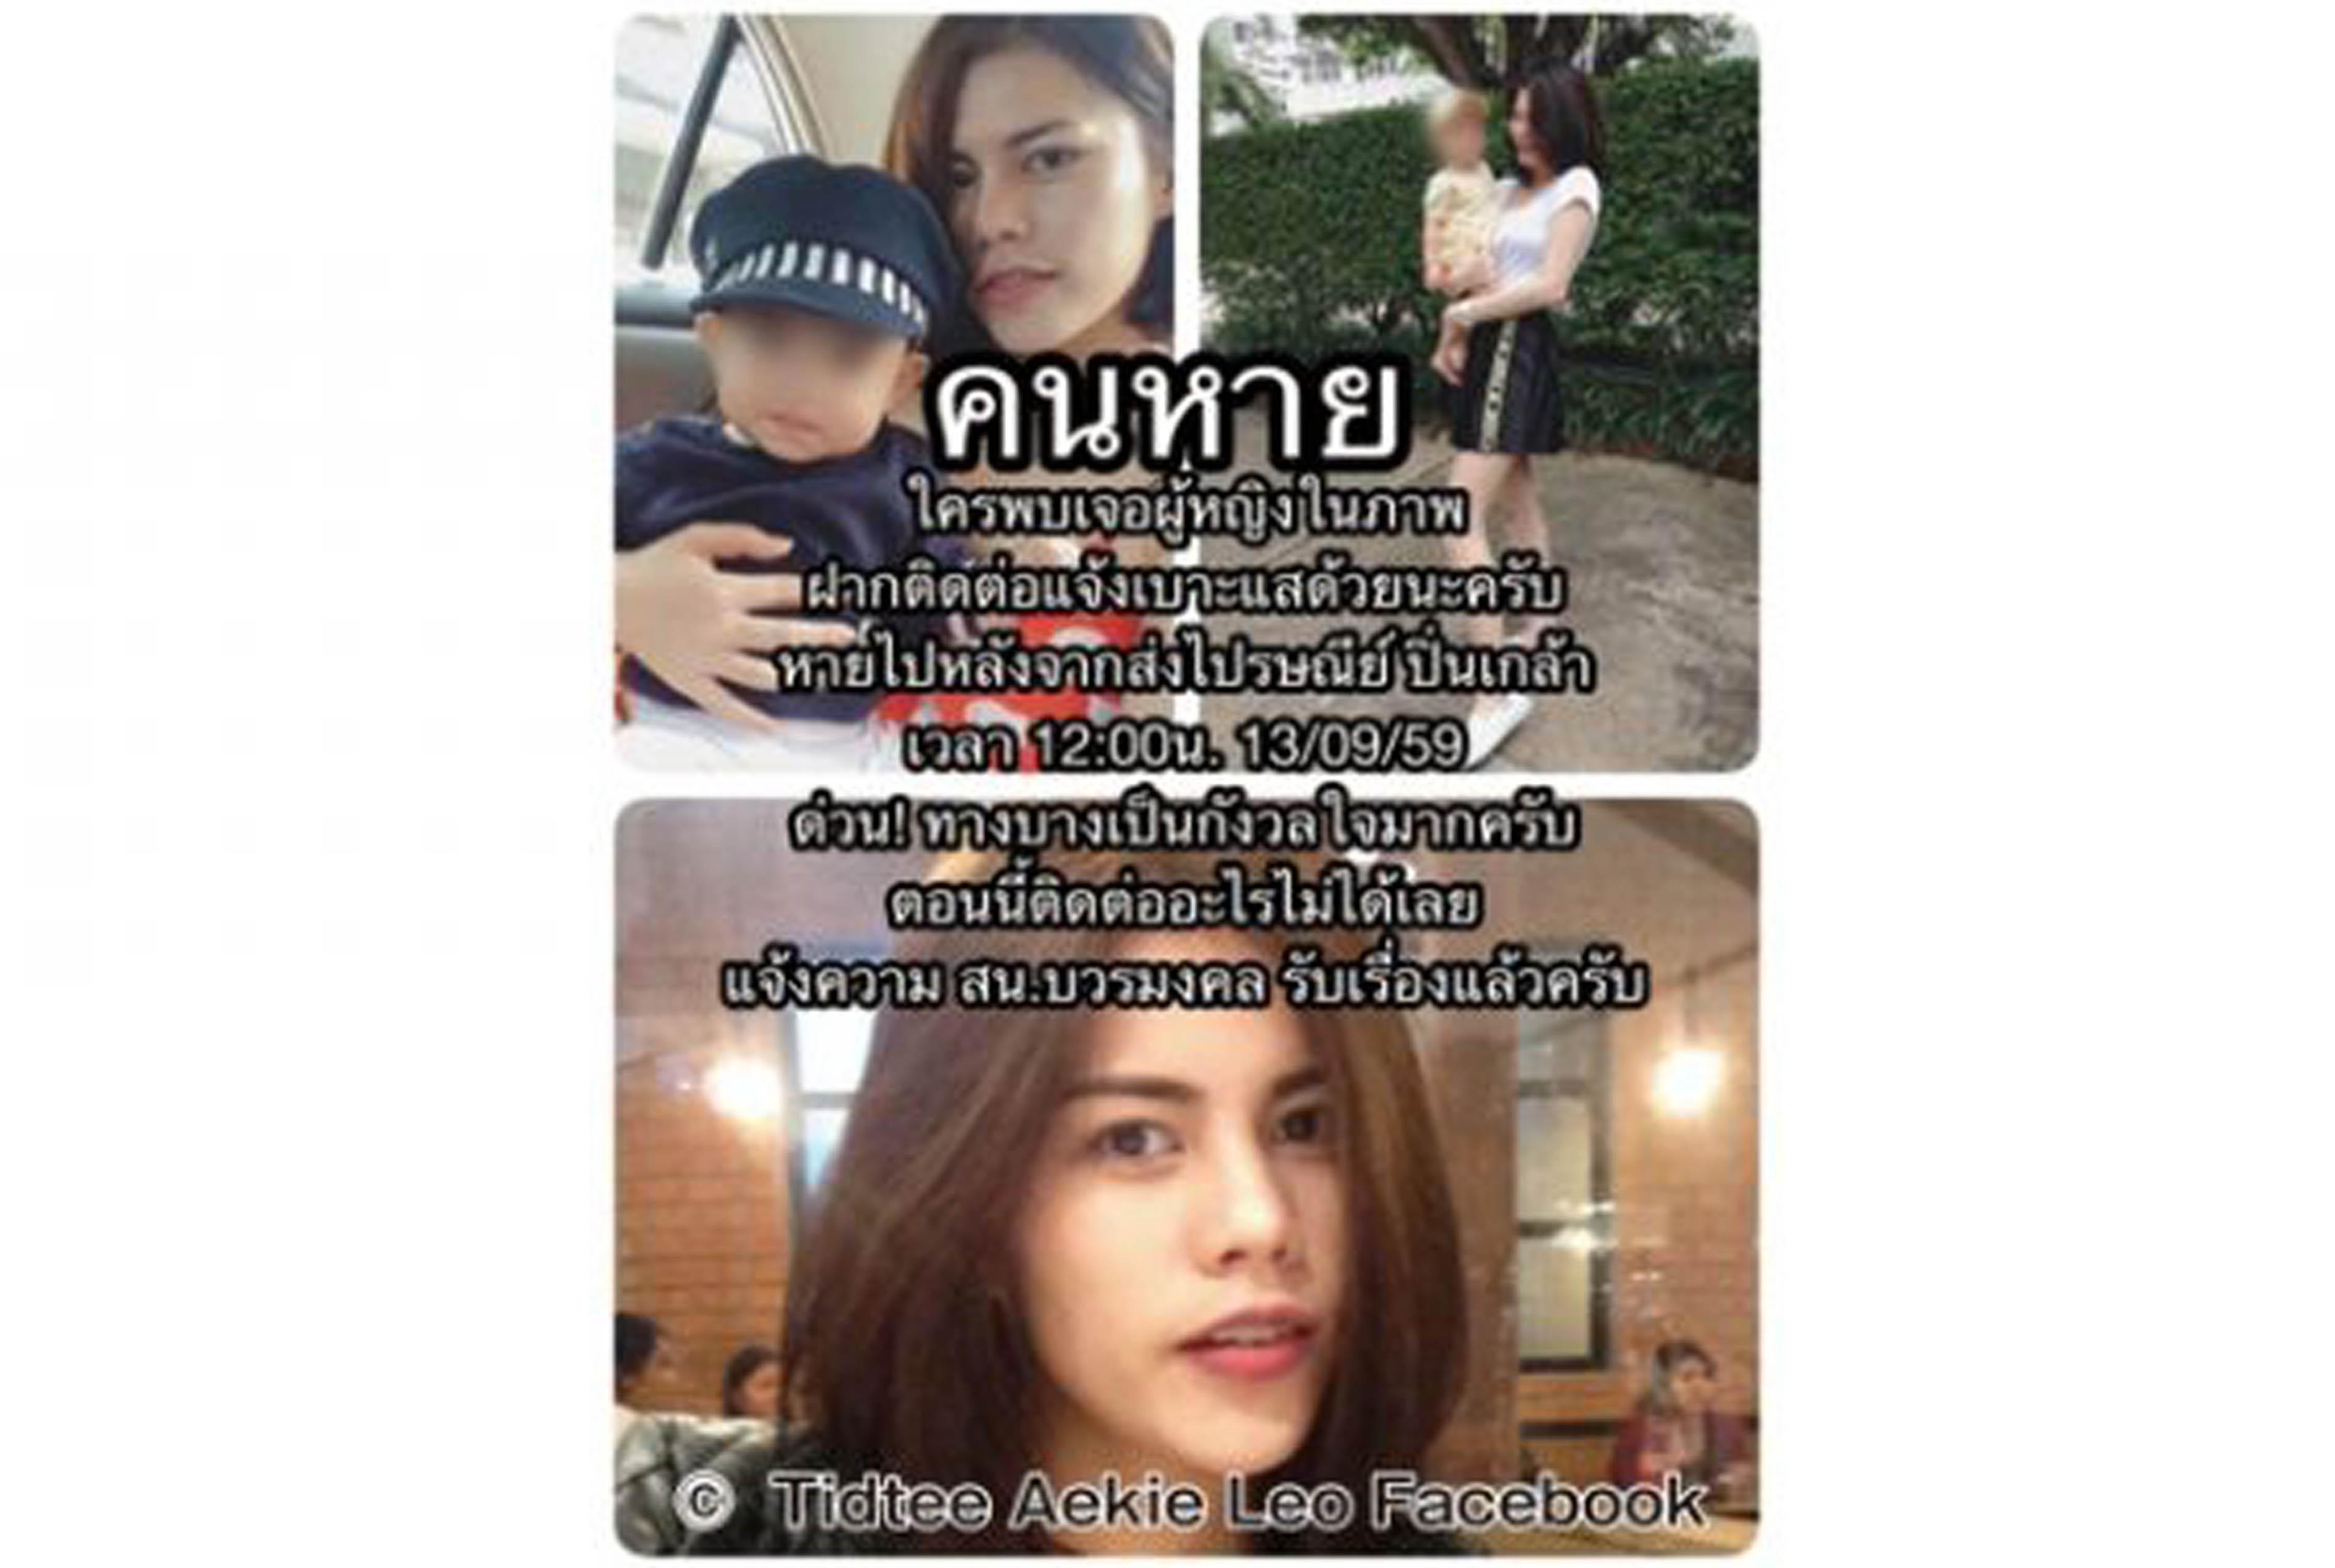 失踪事件の呆れた事実 - ワイズデジタル【タイで生活する人のための情報サイト】